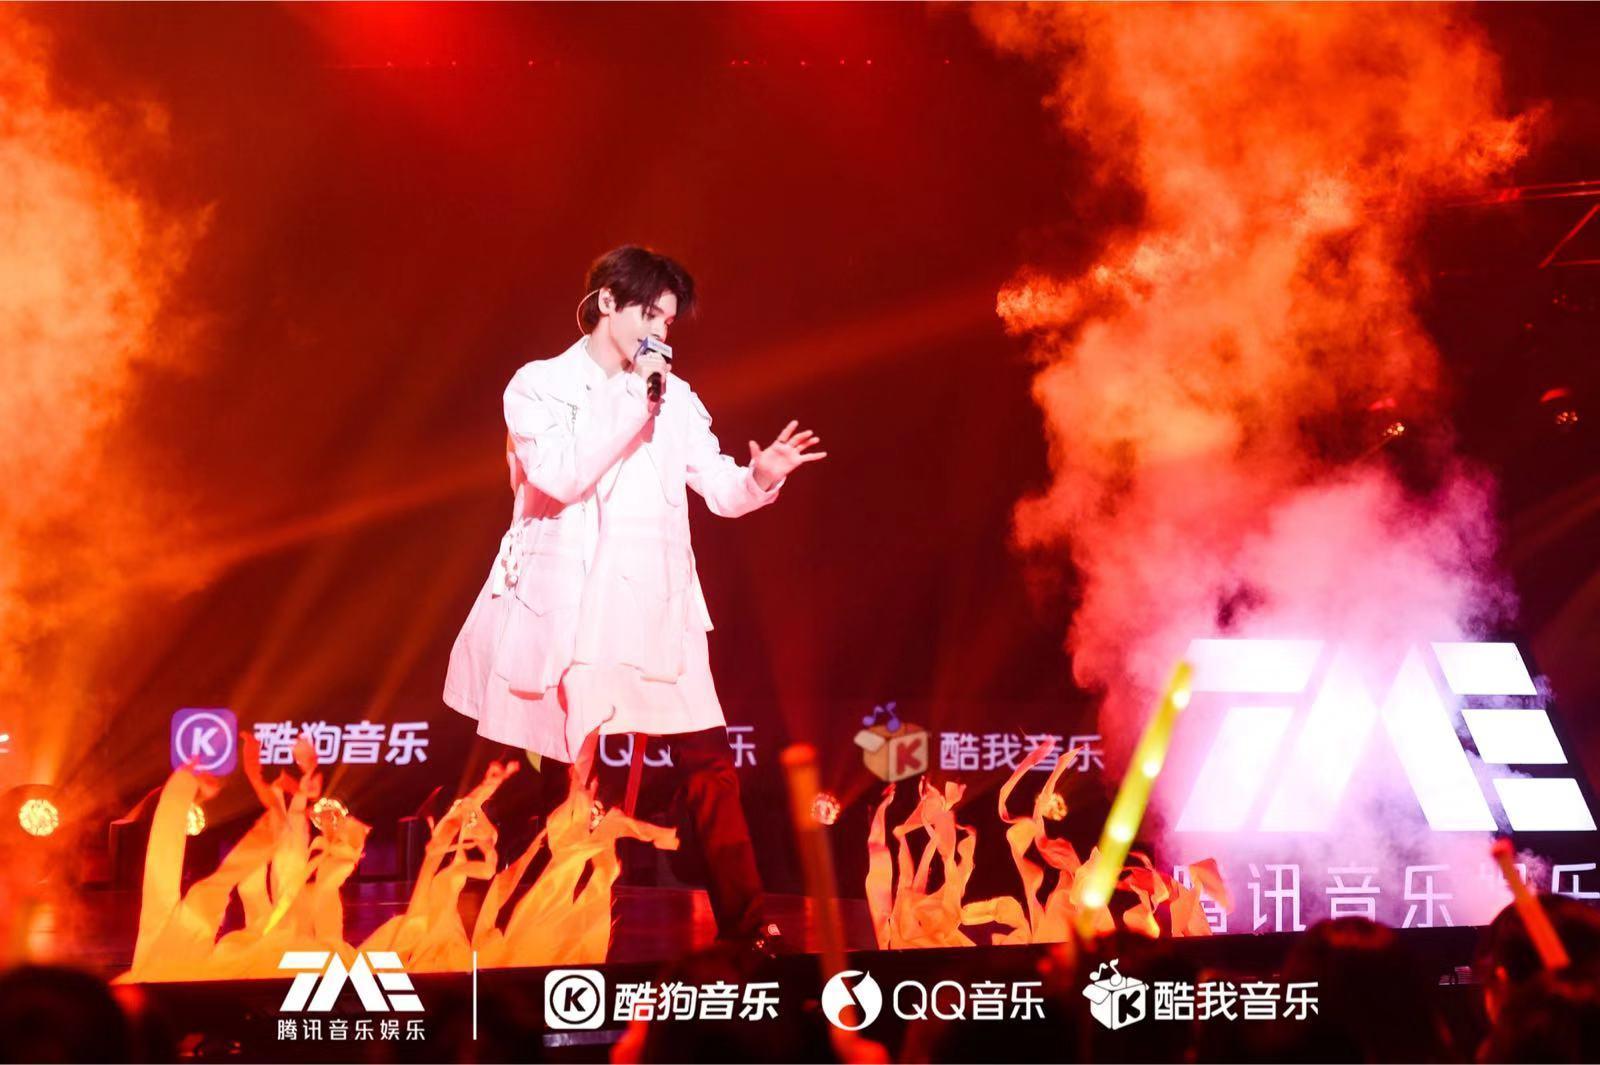 歌唱比赛背景图片